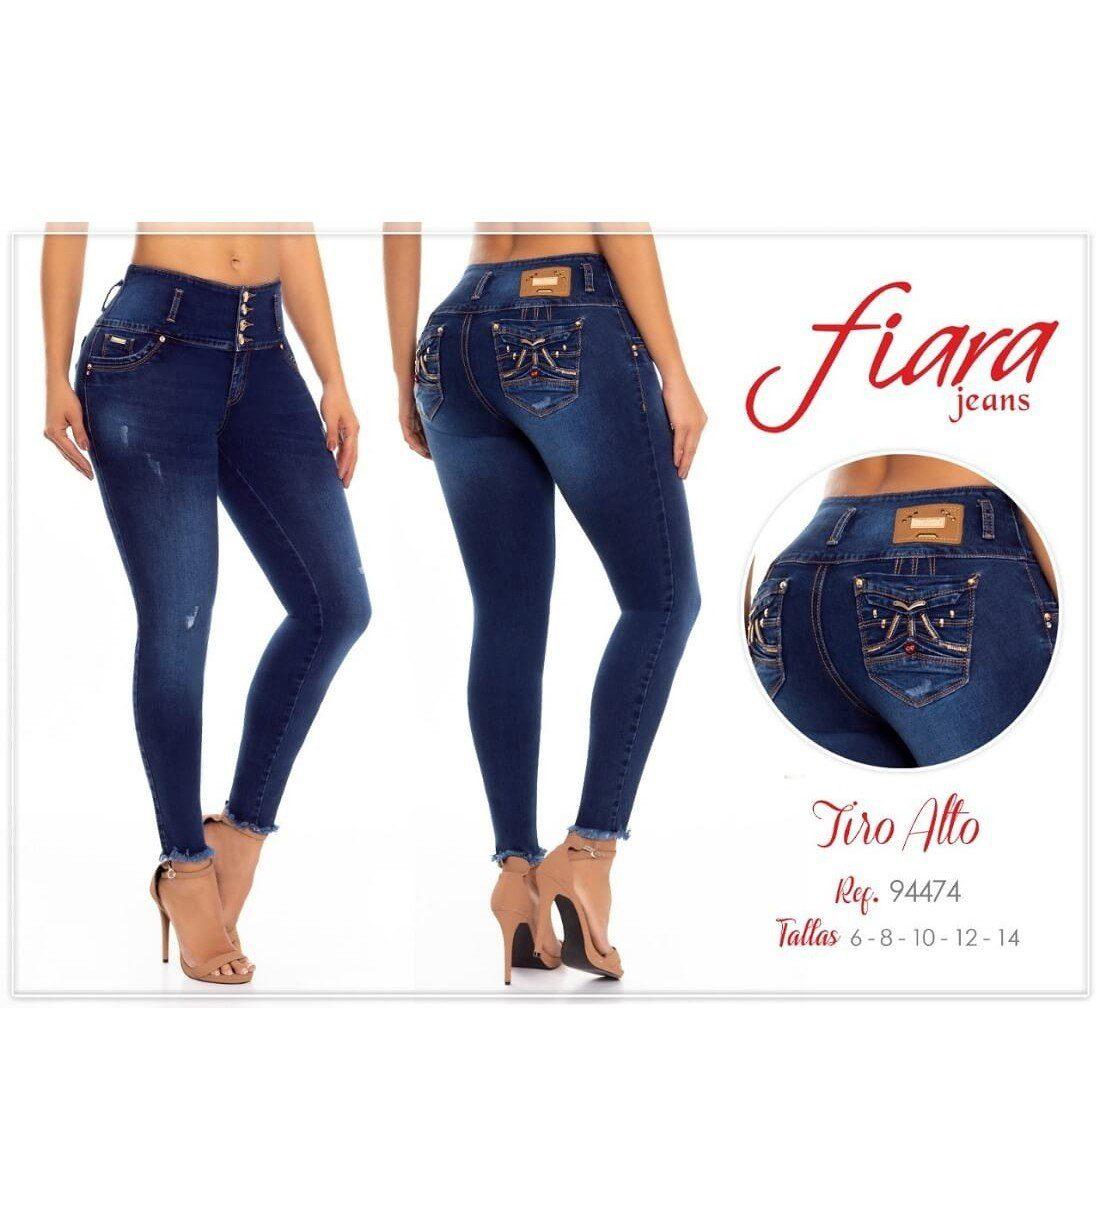 Pantalon Colombiano Do Jeans -94474